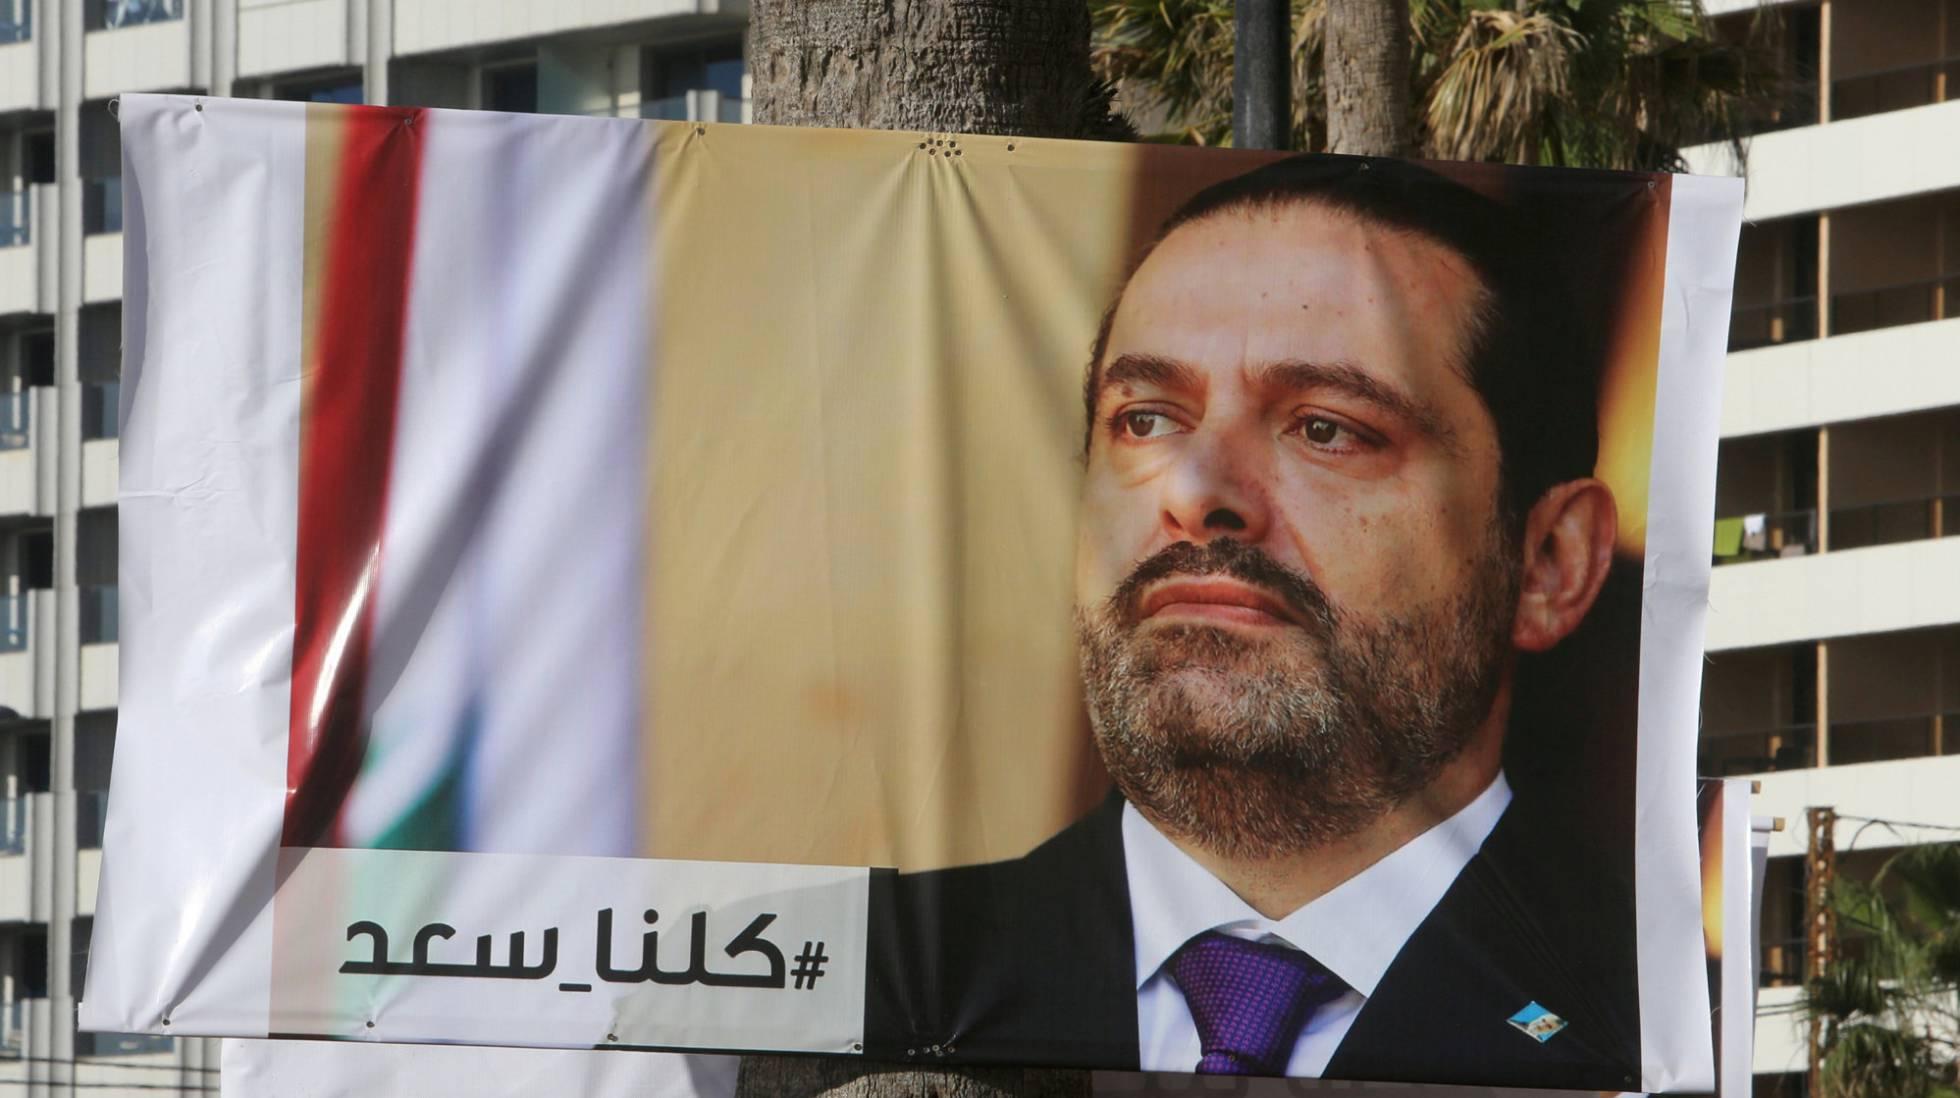 Conflicto Arabia Saudita - Líbano 1510320280_100644_1510333278_noticia_normal_recorte1